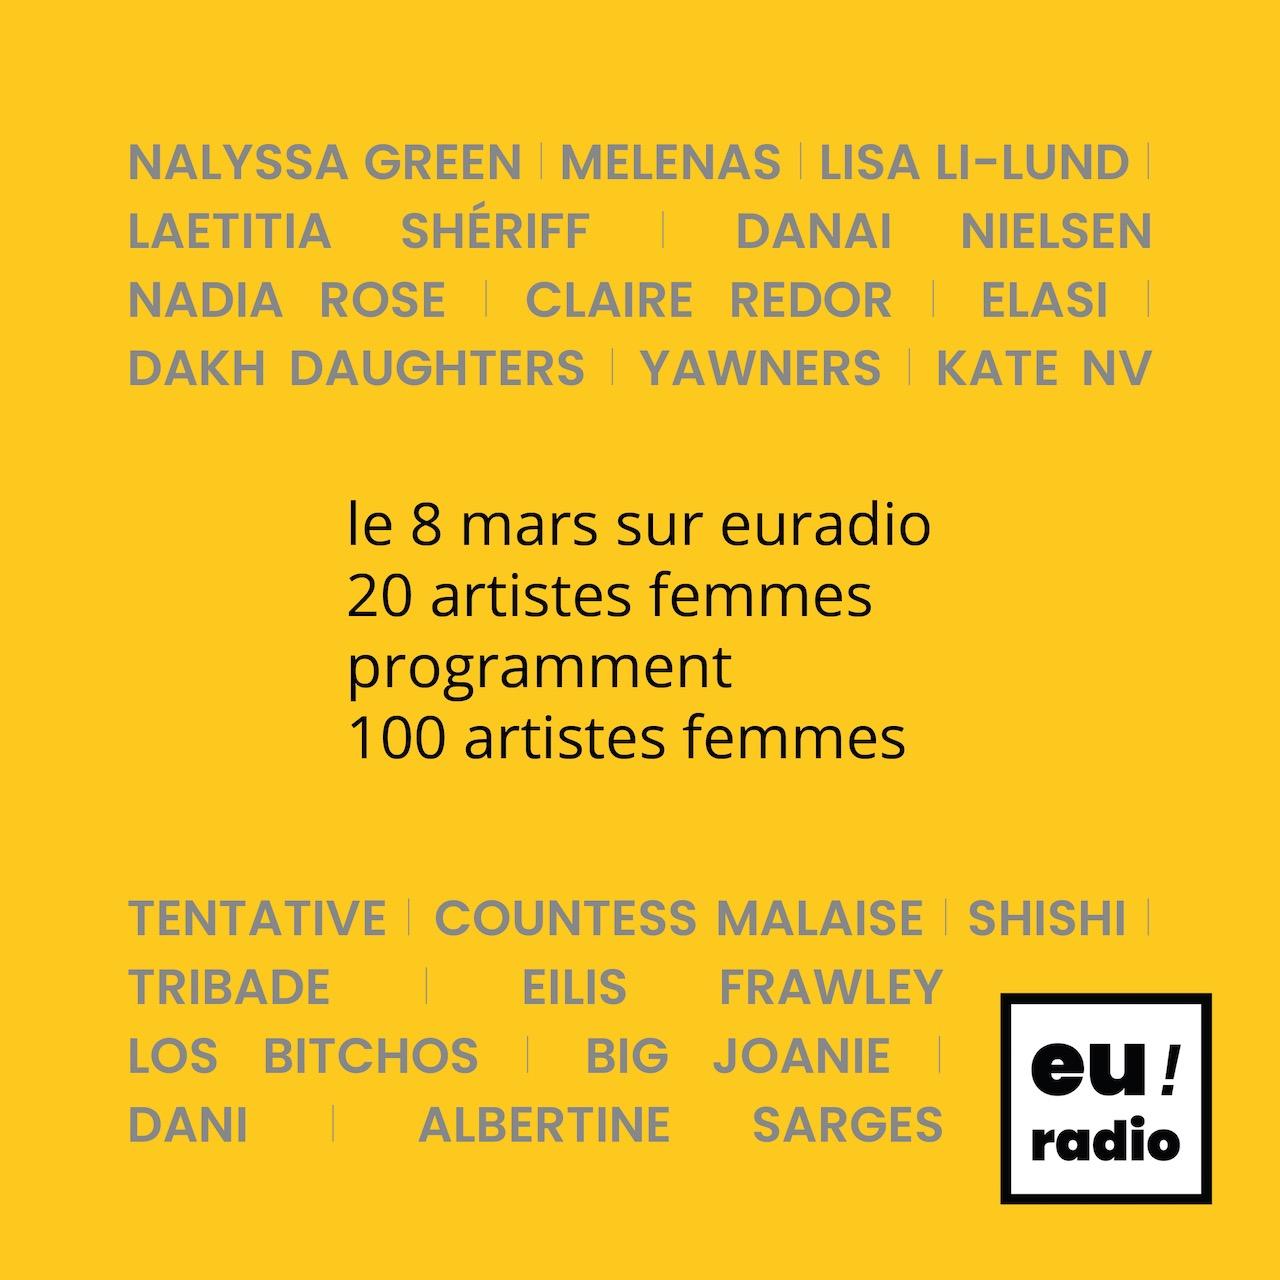 euradio sonne la mobilisation générale pour la Journée internationale des femmes !